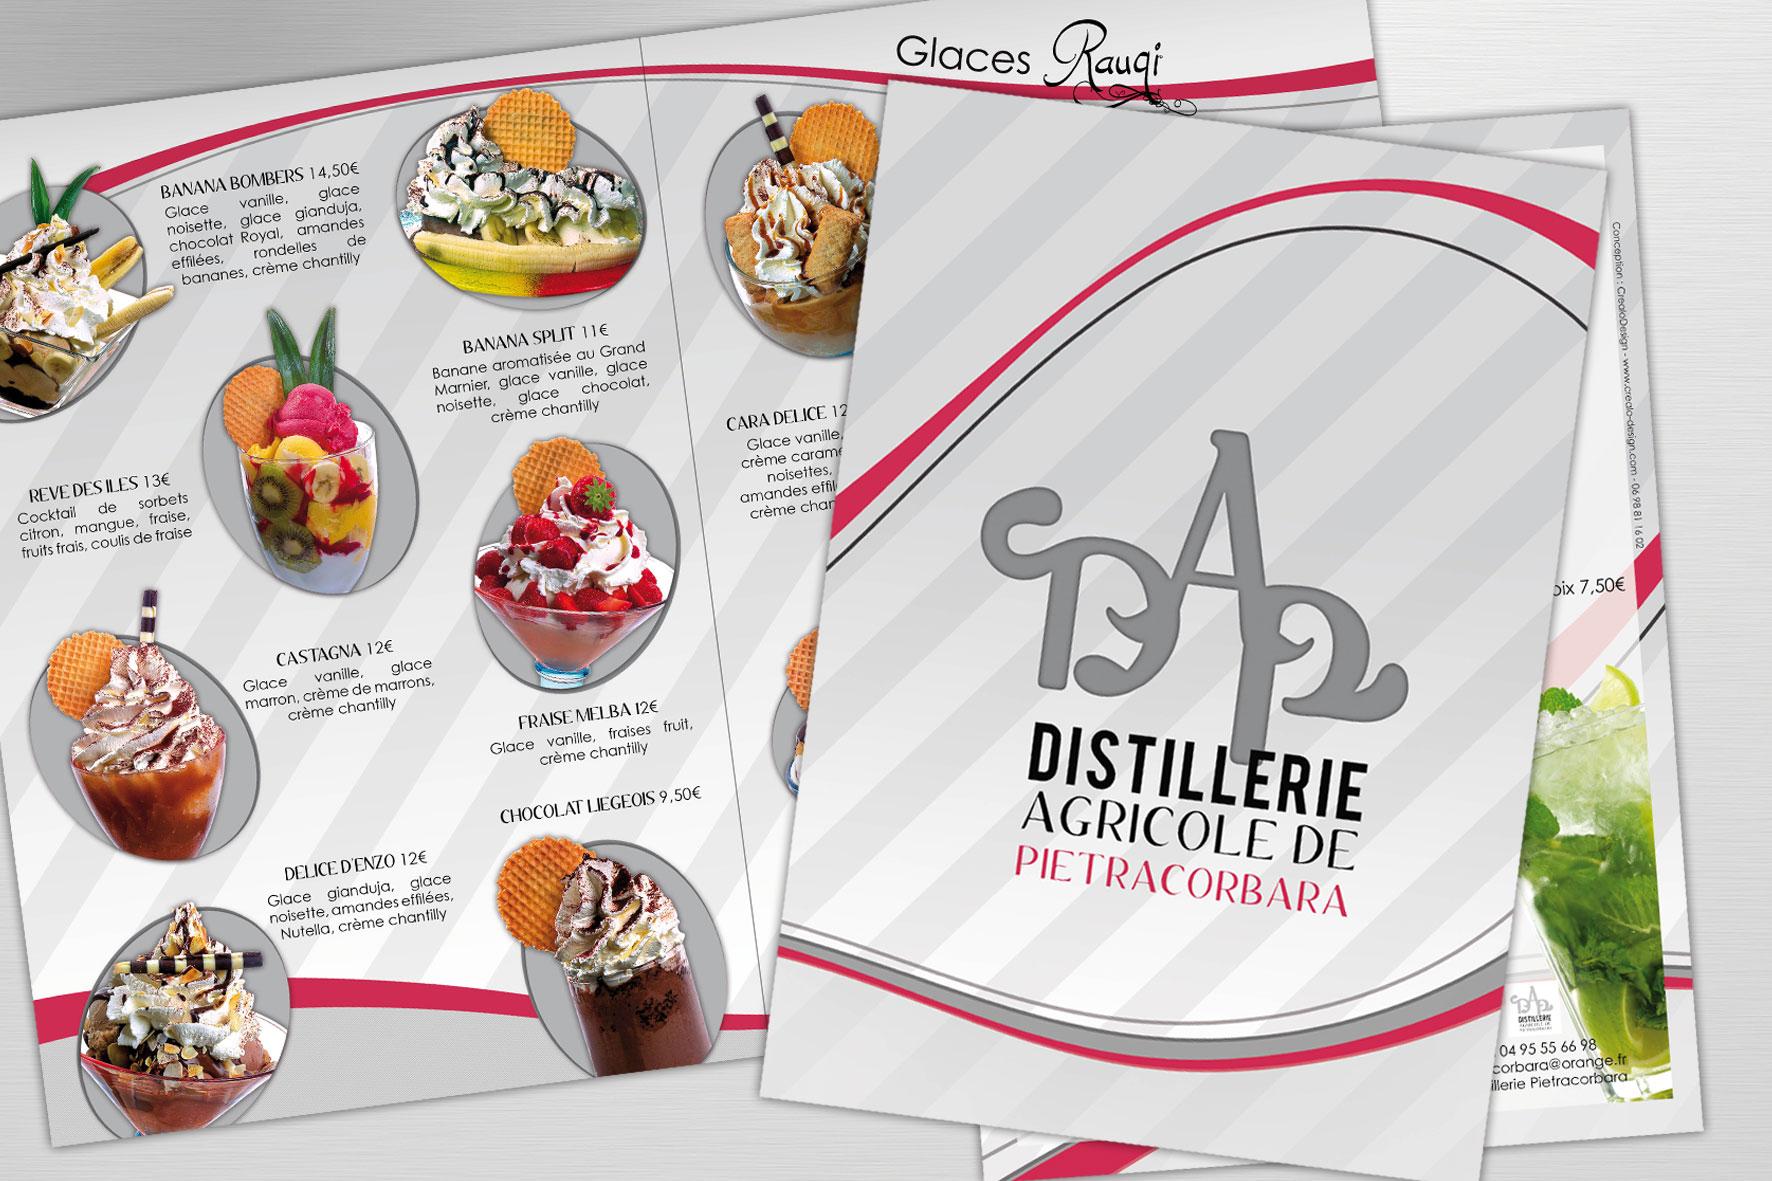 Distillerie de Pietracorbara